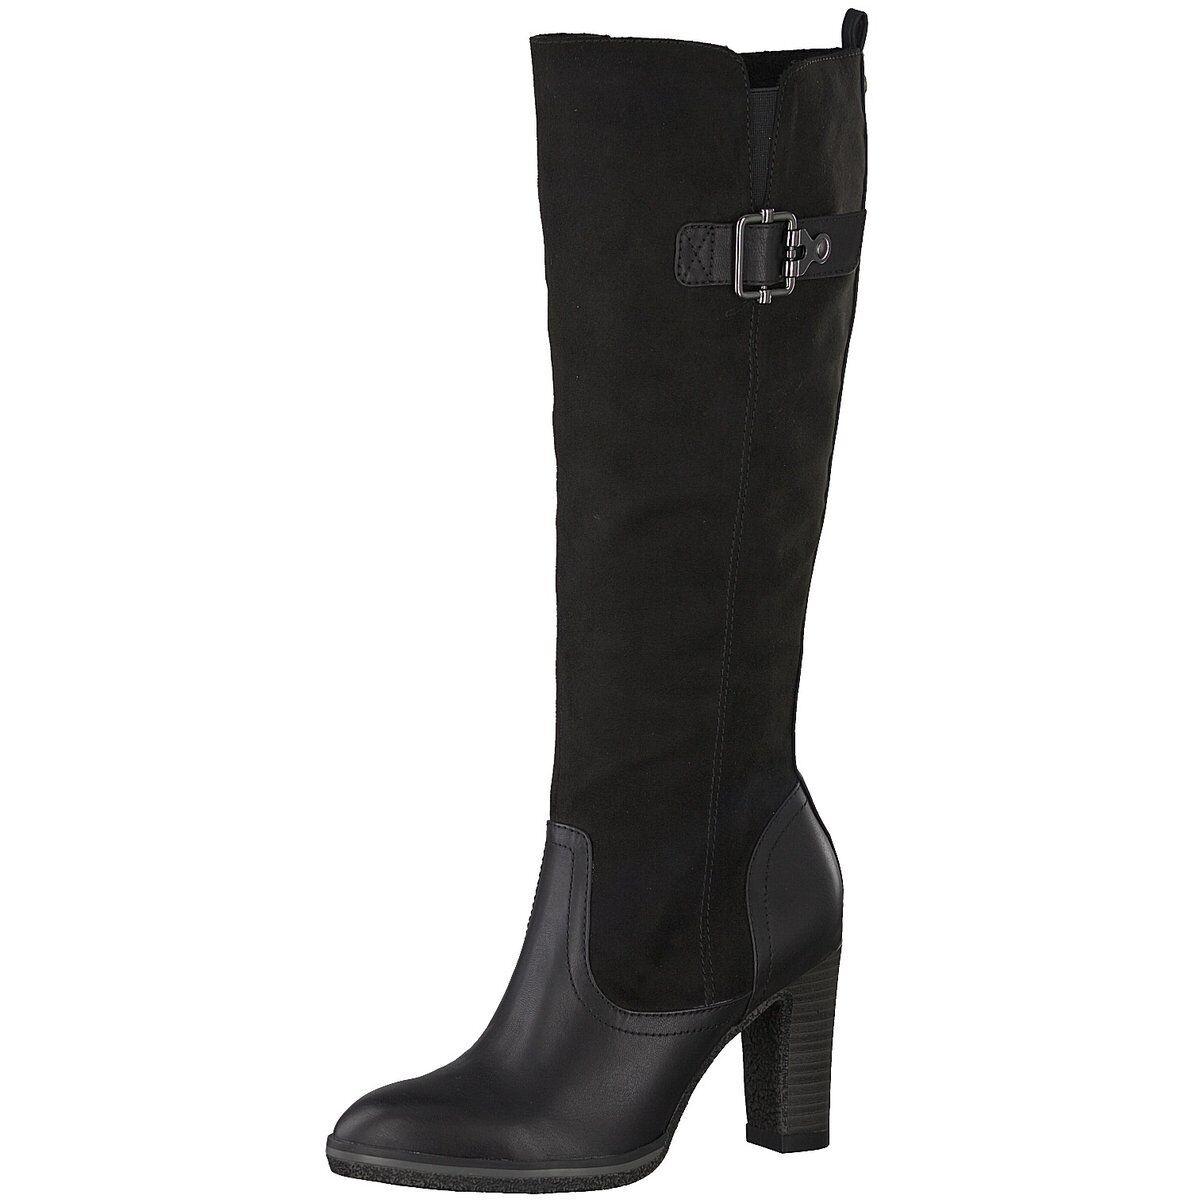 S.Oliver Damen Stiefel Stiefel 5-25507 5-5-25507-21 001 schwarz 522491